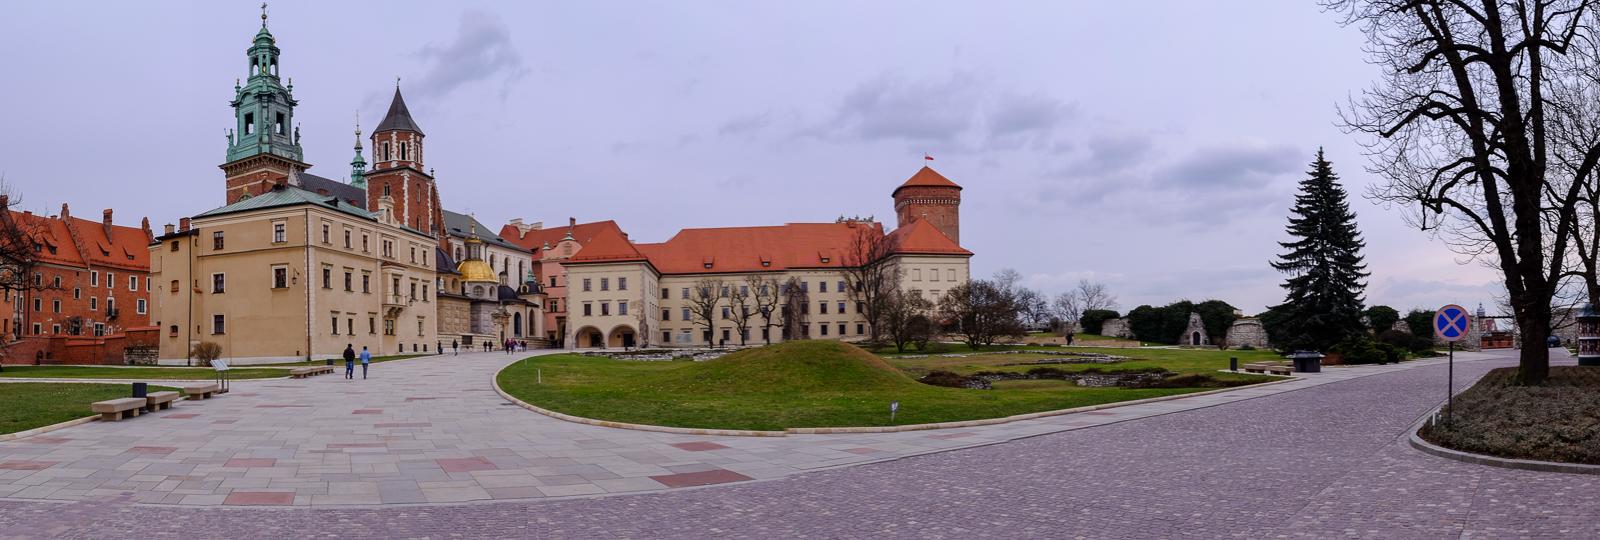 Dag05-Polen-056-DSCF2079